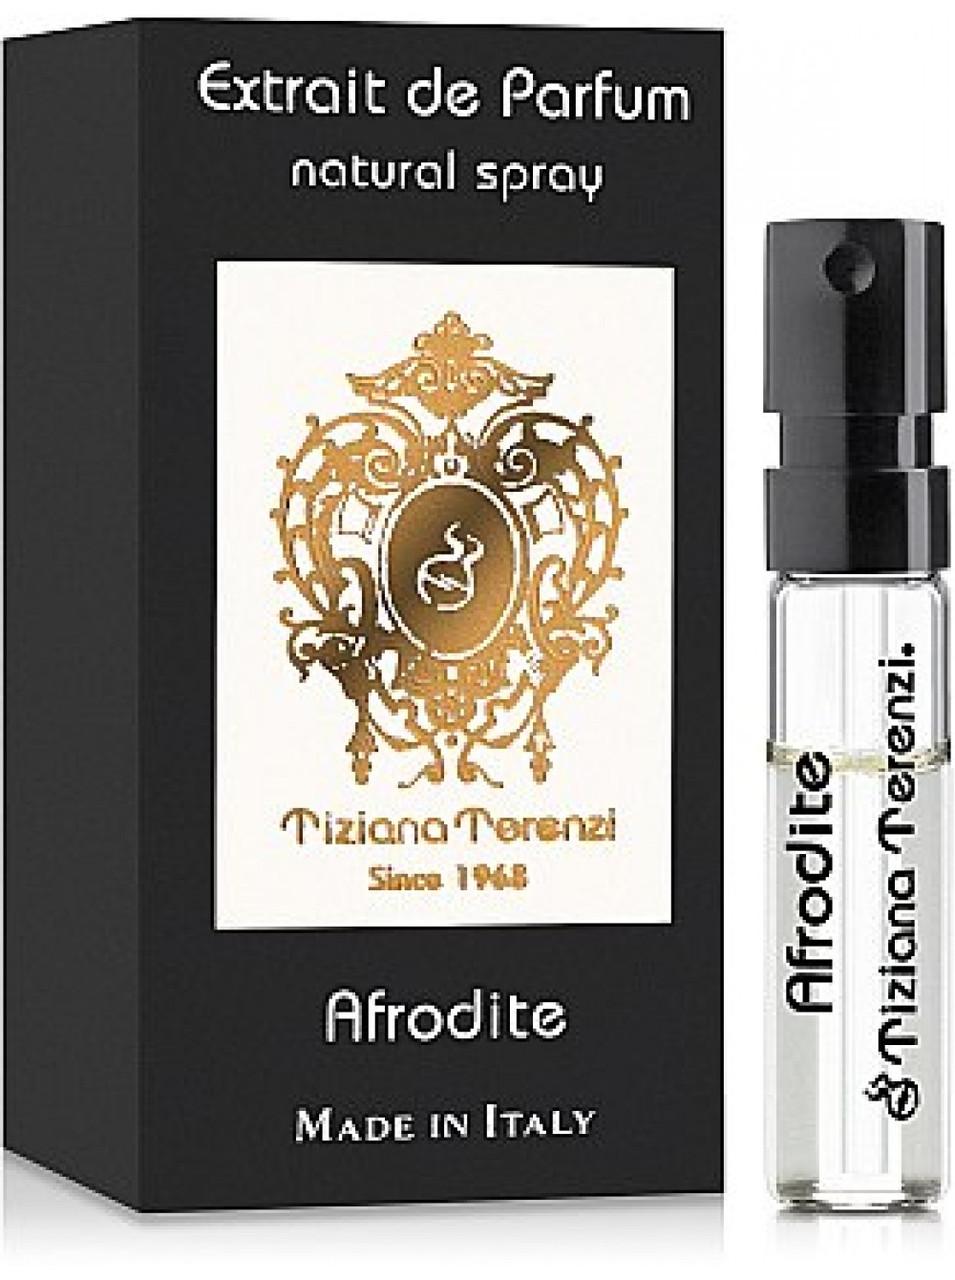 ПРОБНИК оригінальний TIZIANA TERENZI Afrodite 1,5 ml пряний квітковий аромат унісекс Тизиана Терензи Афродіта